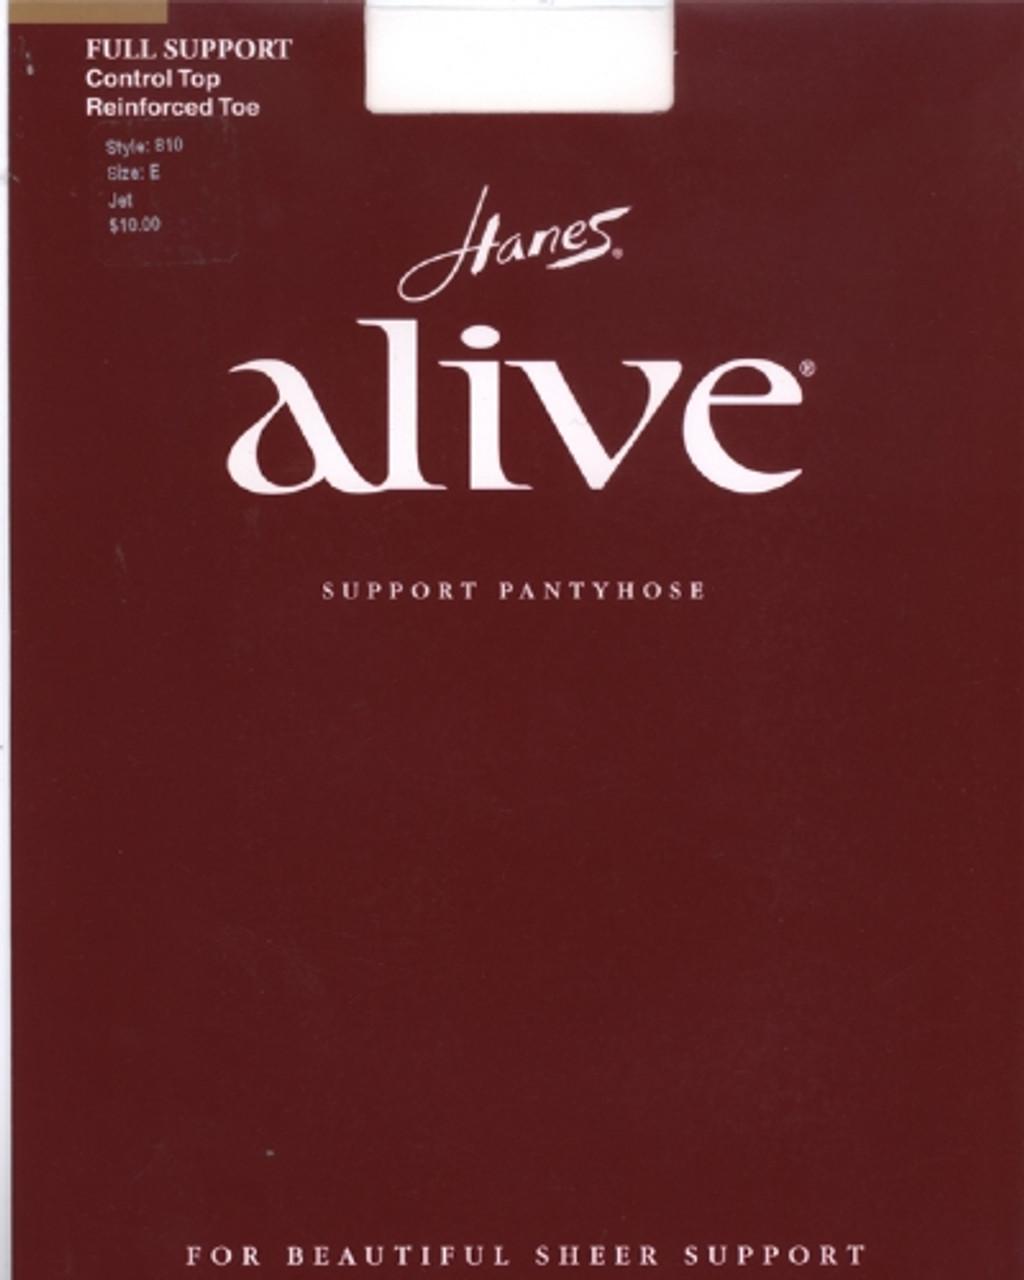 Hanes Alive Pantyhose